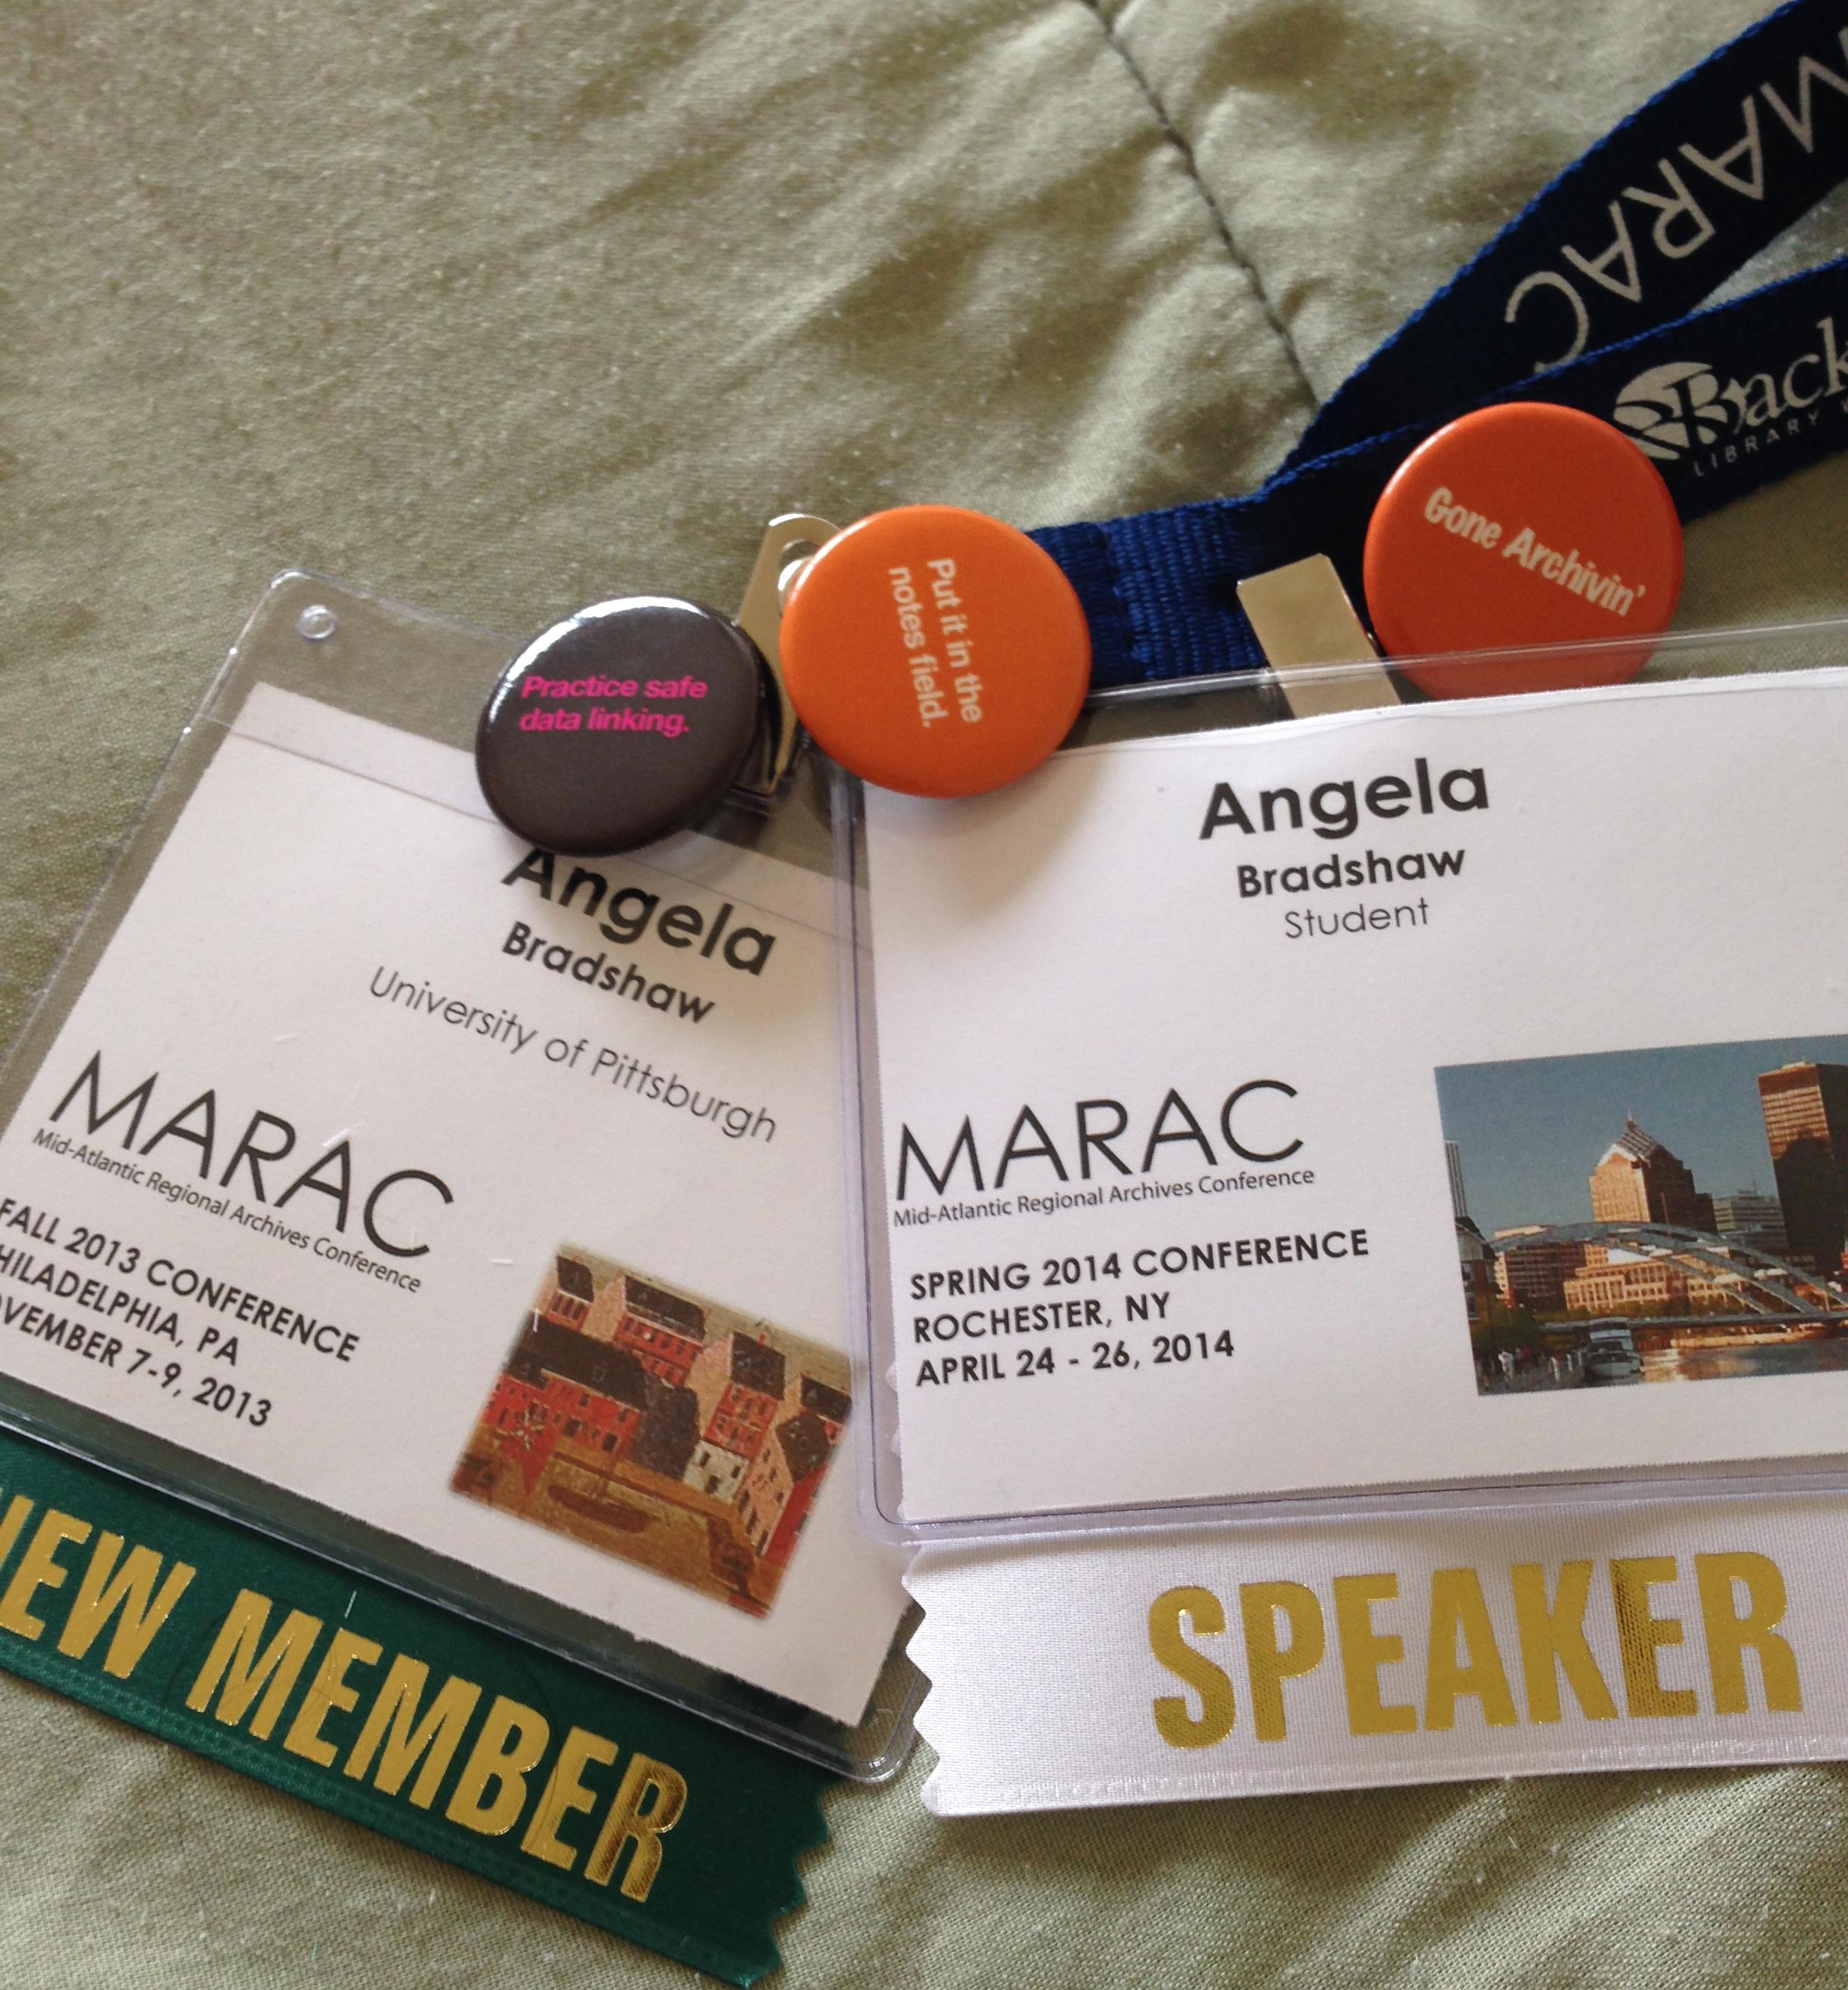 MARAC name tags and pins